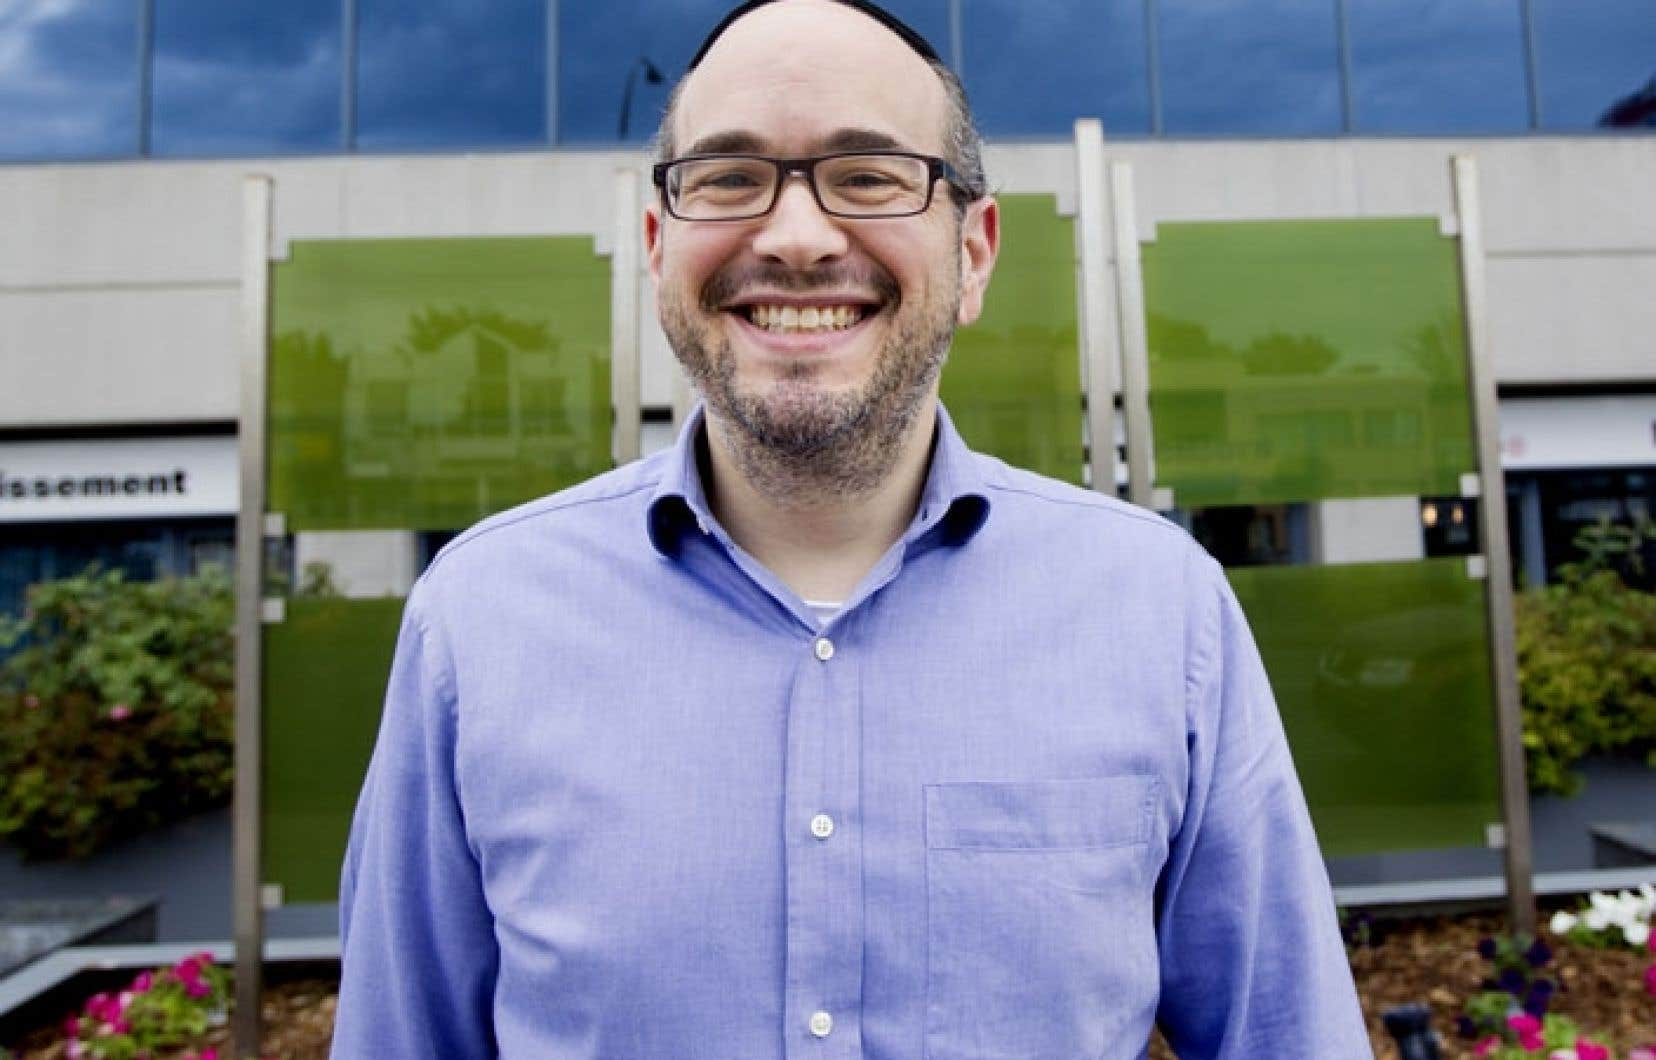 Lionel Perez est le maire par intérim de l'arrondissement montréalais de Côte-des-Neiges-Notre-Dame-de-Grâce.